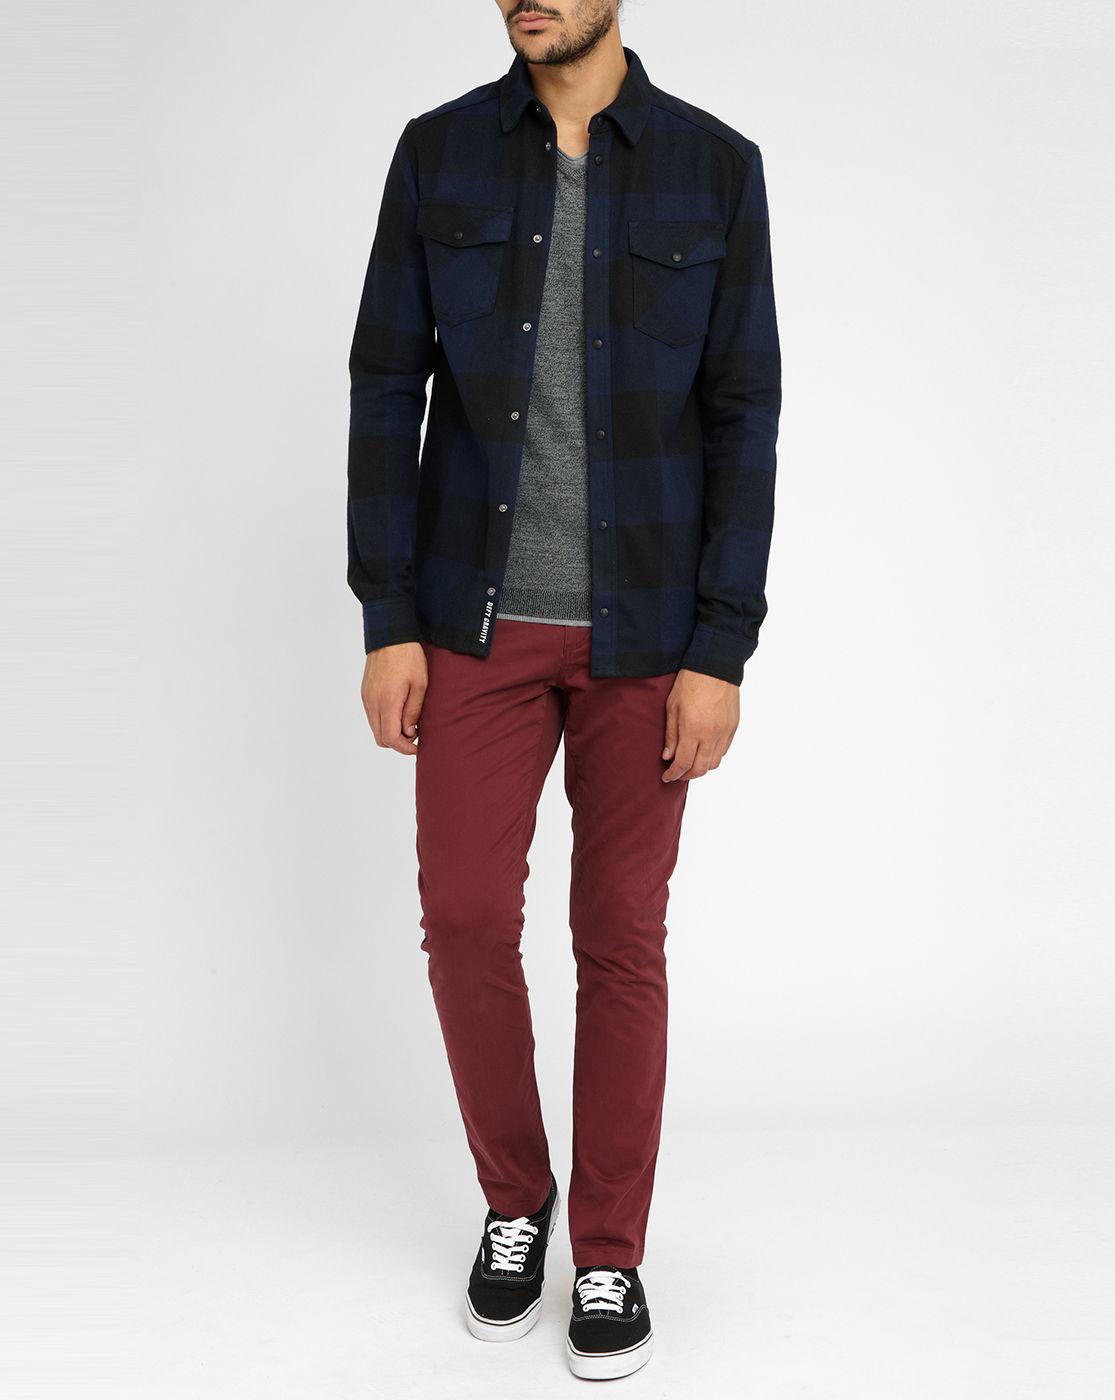 eleven paris navy black plaid flannel overshirt in blue for men lyst. Black Bedroom Furniture Sets. Home Design Ideas